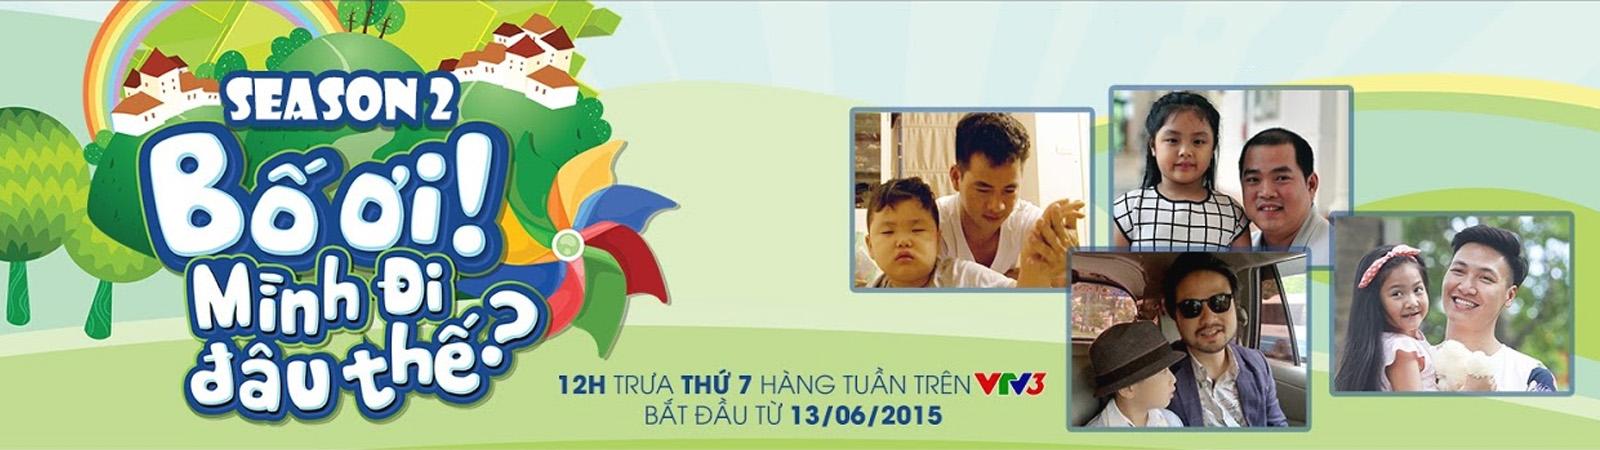 Tập 47 - Bố Ơi, Mình Đi Đâu Thế - Việt Nam